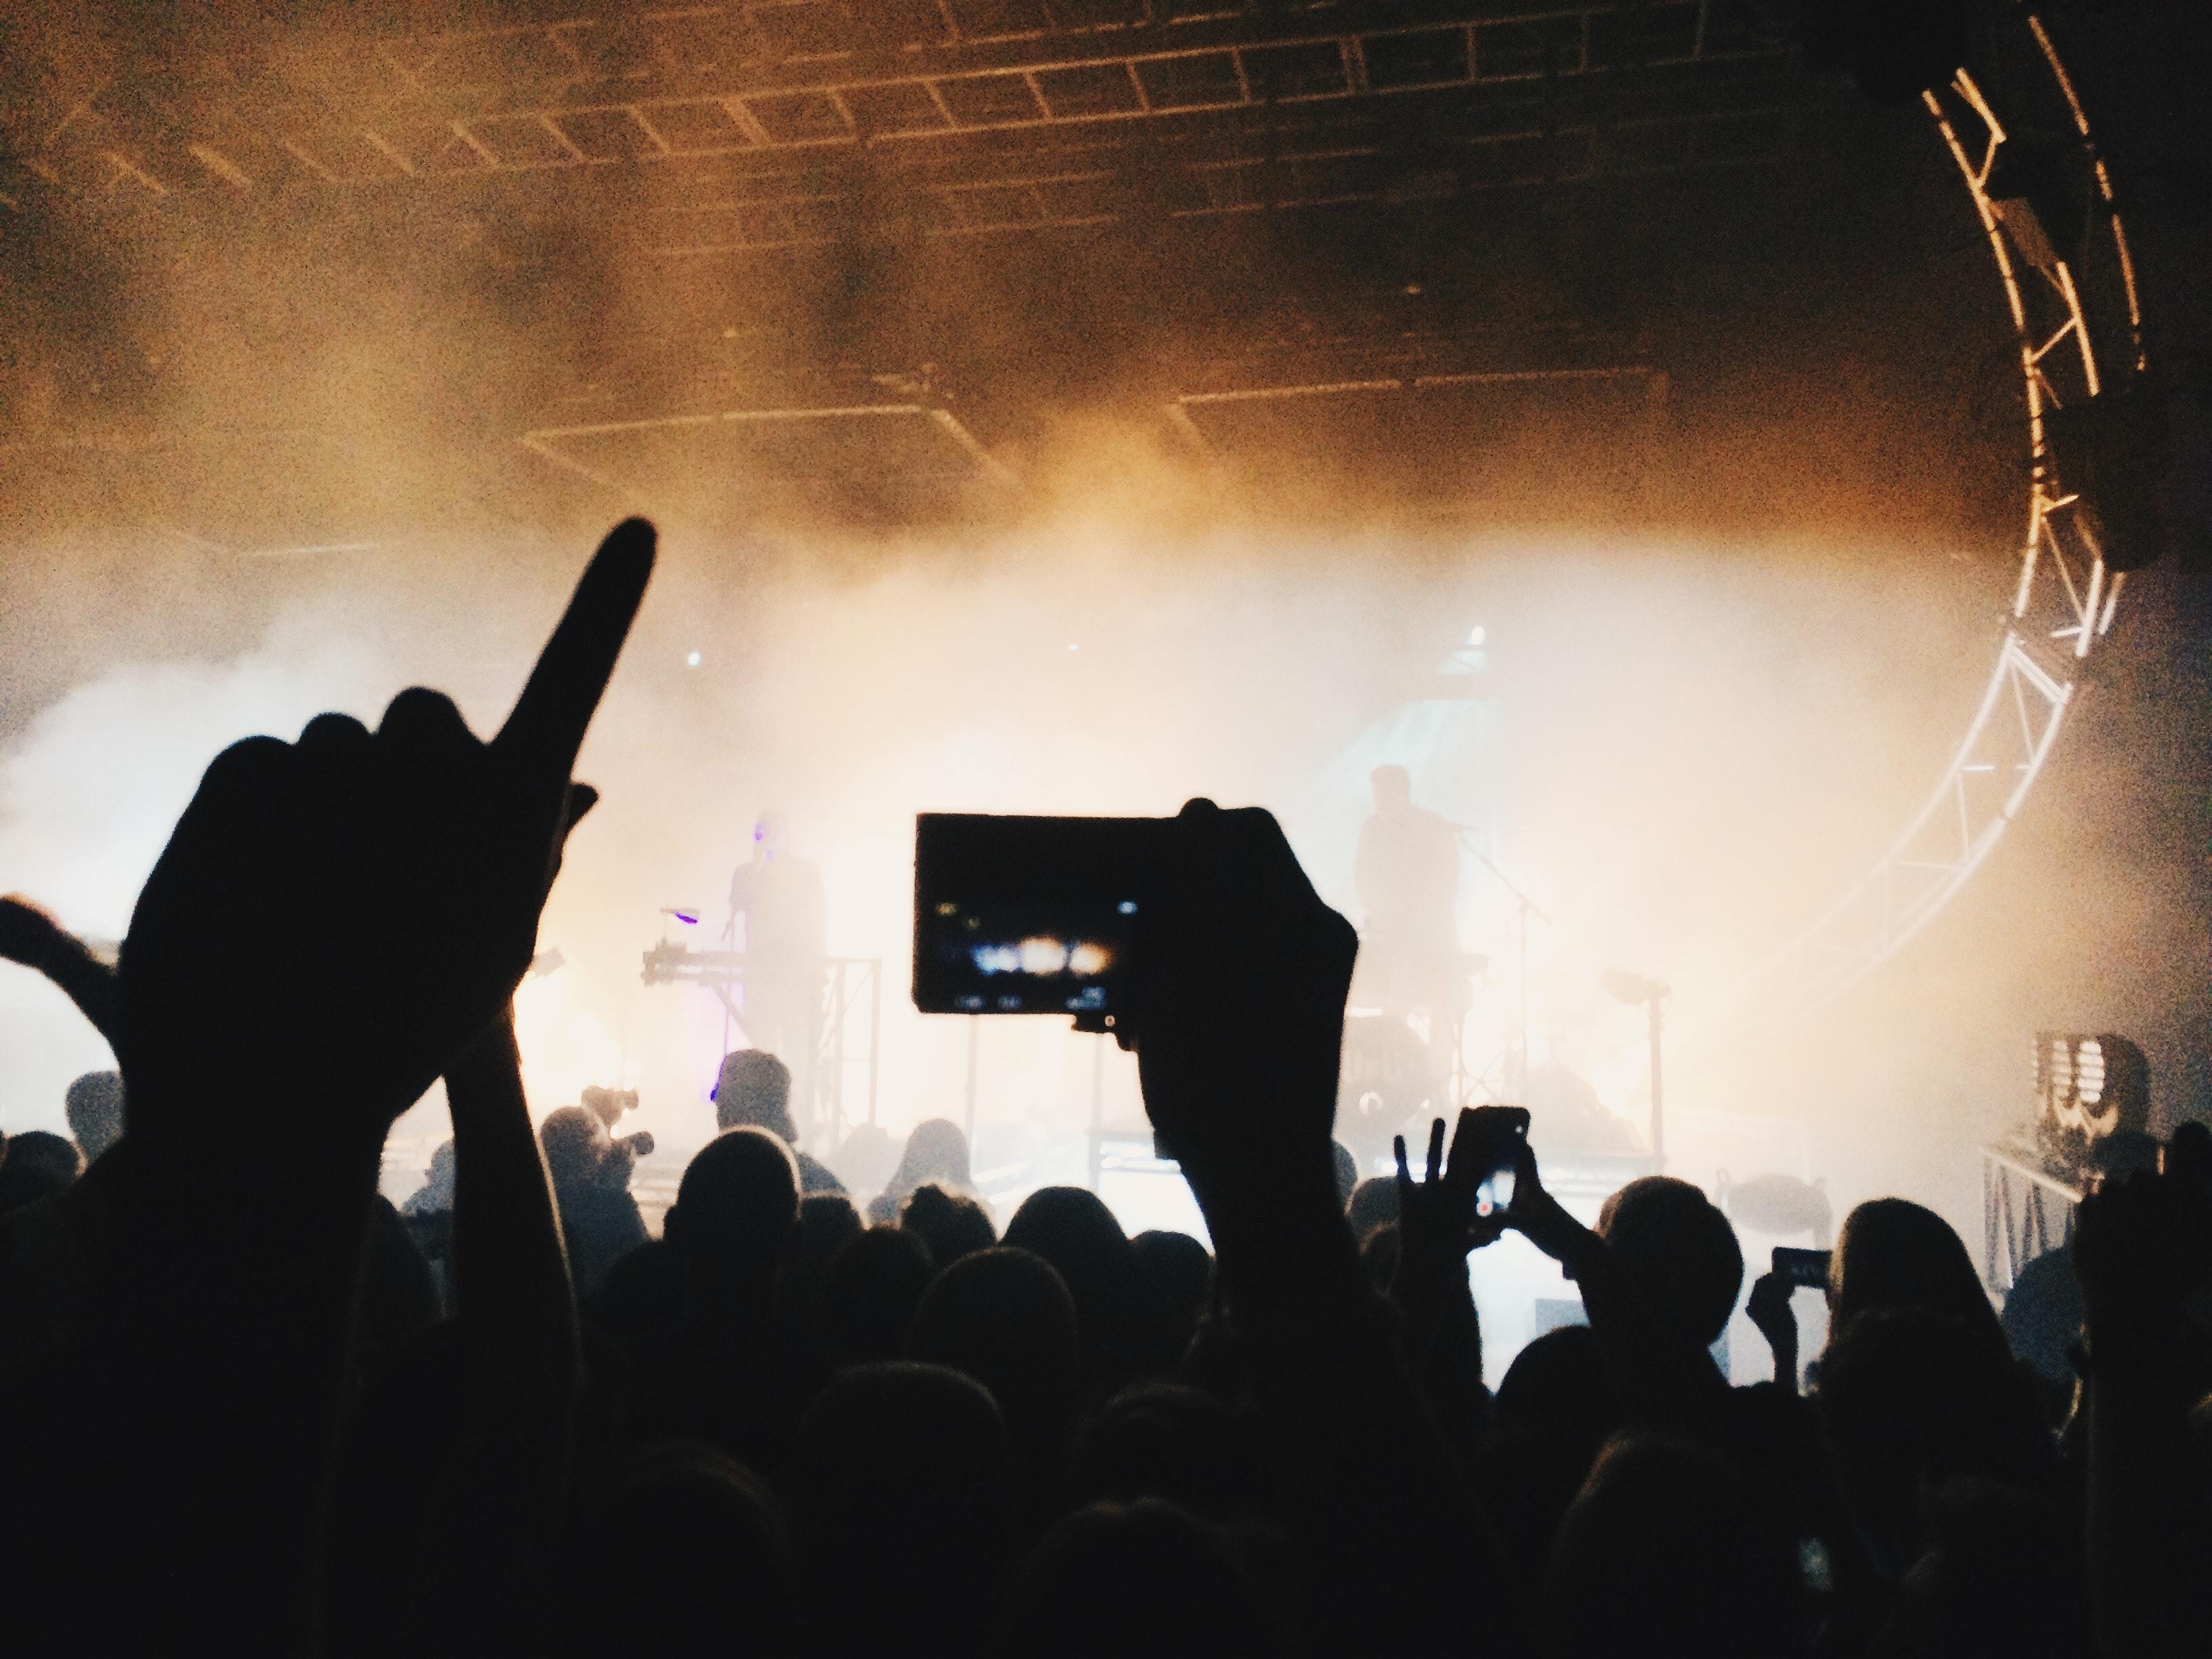 Multitud aplaudiendo en un concierto por Dom Gould